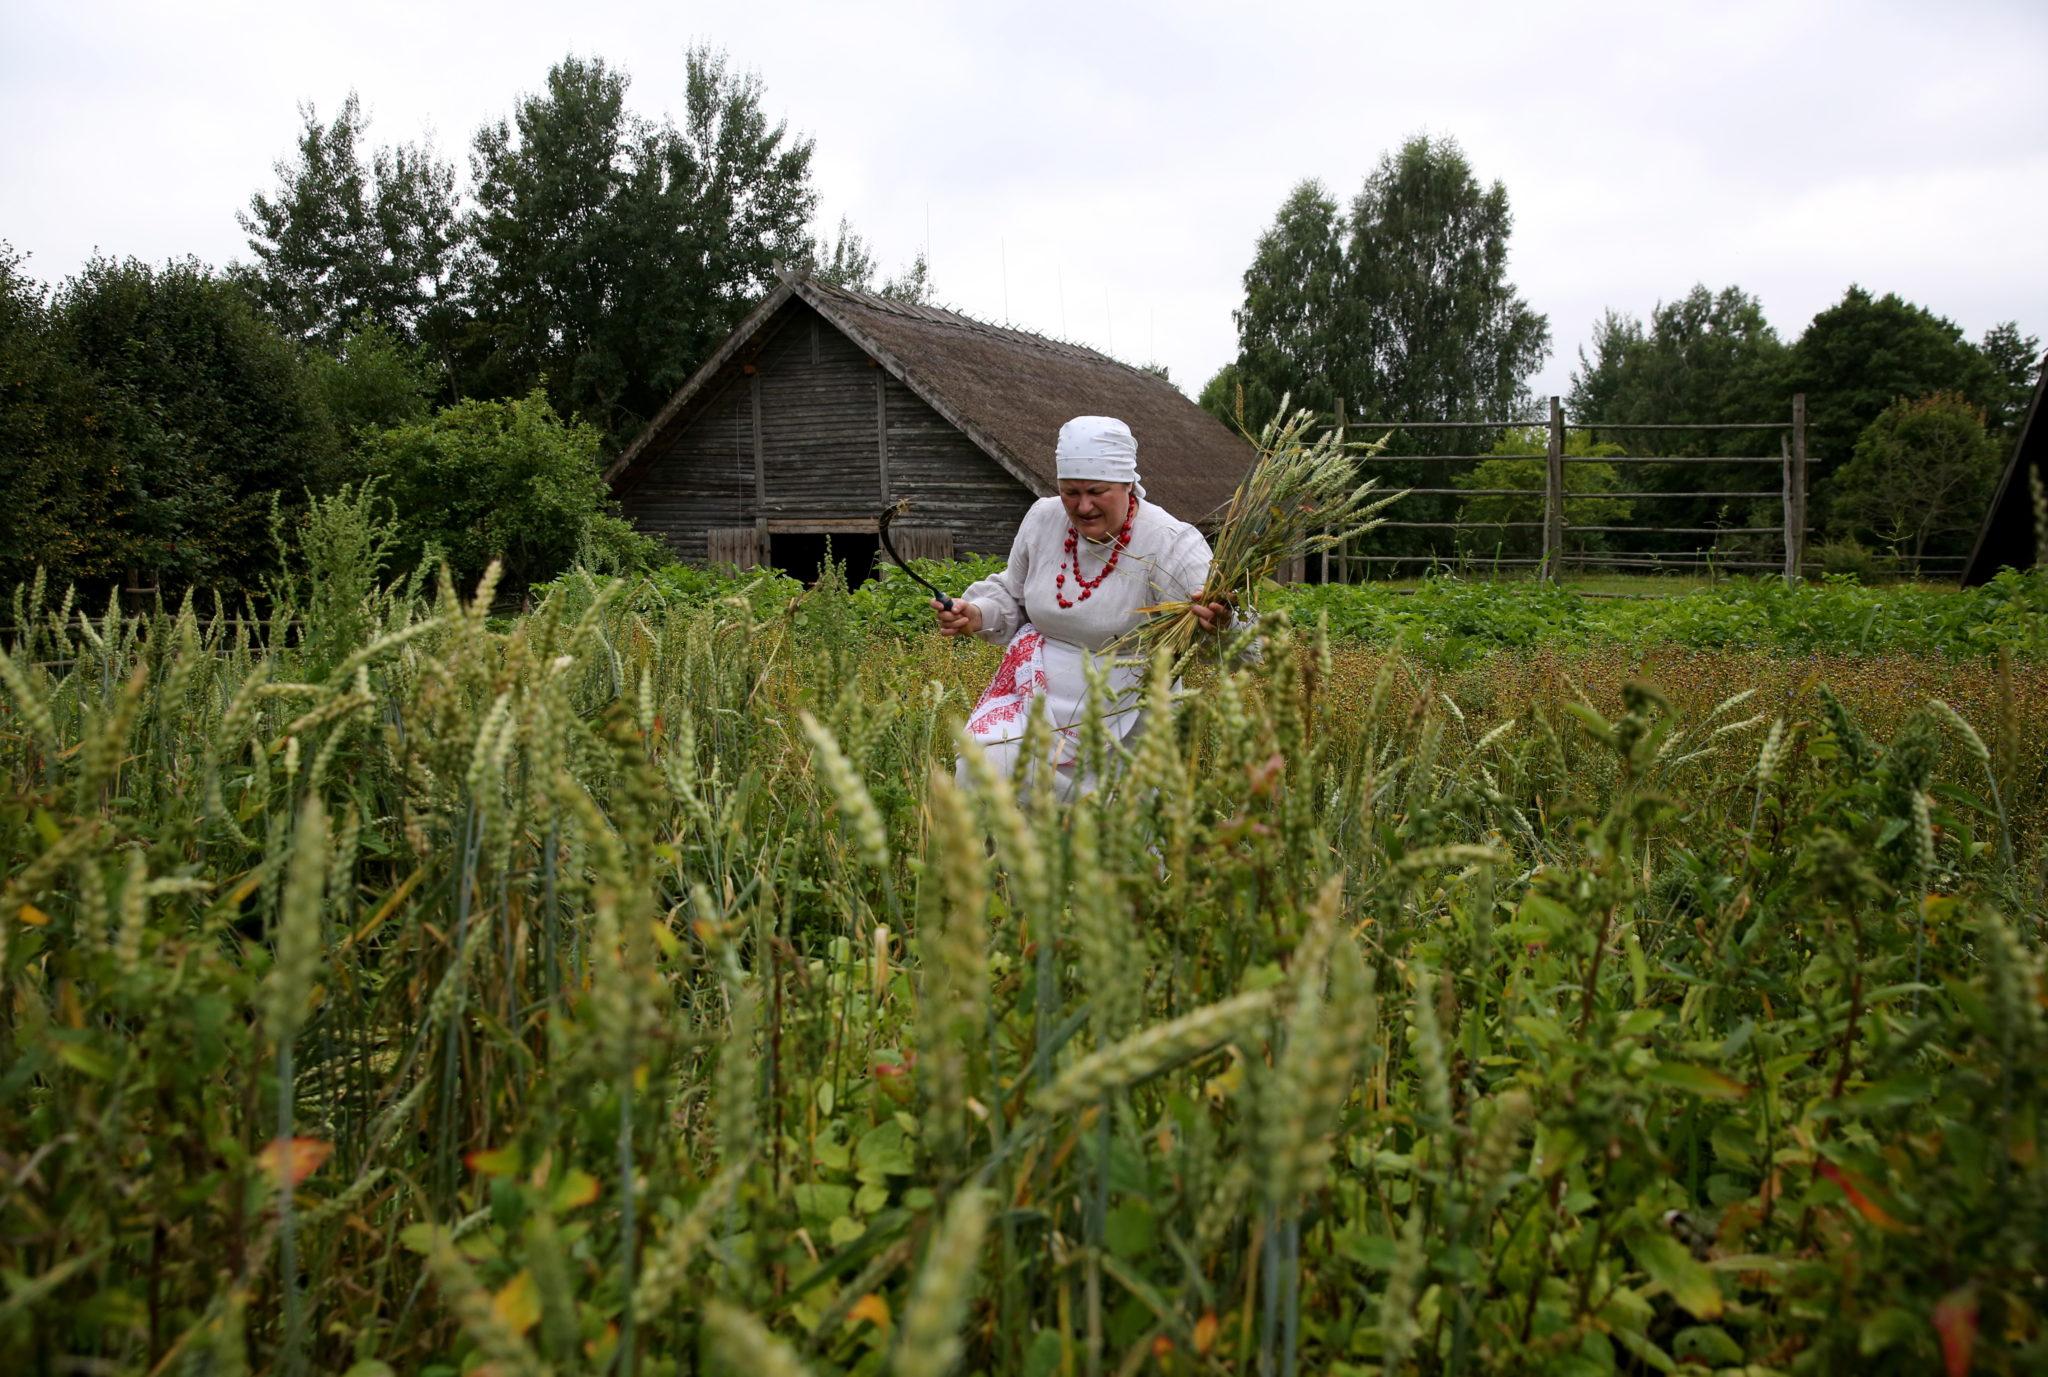 """Białoruska kobieta w tradycyjnym strojau tnie i wiąże snopy podczas obrzędu """"Zazhinki"""" w wiosce Ozertso, około 5 km od Mińska, fot. TATYANA ZENKOVICH, PAP/EPA"""